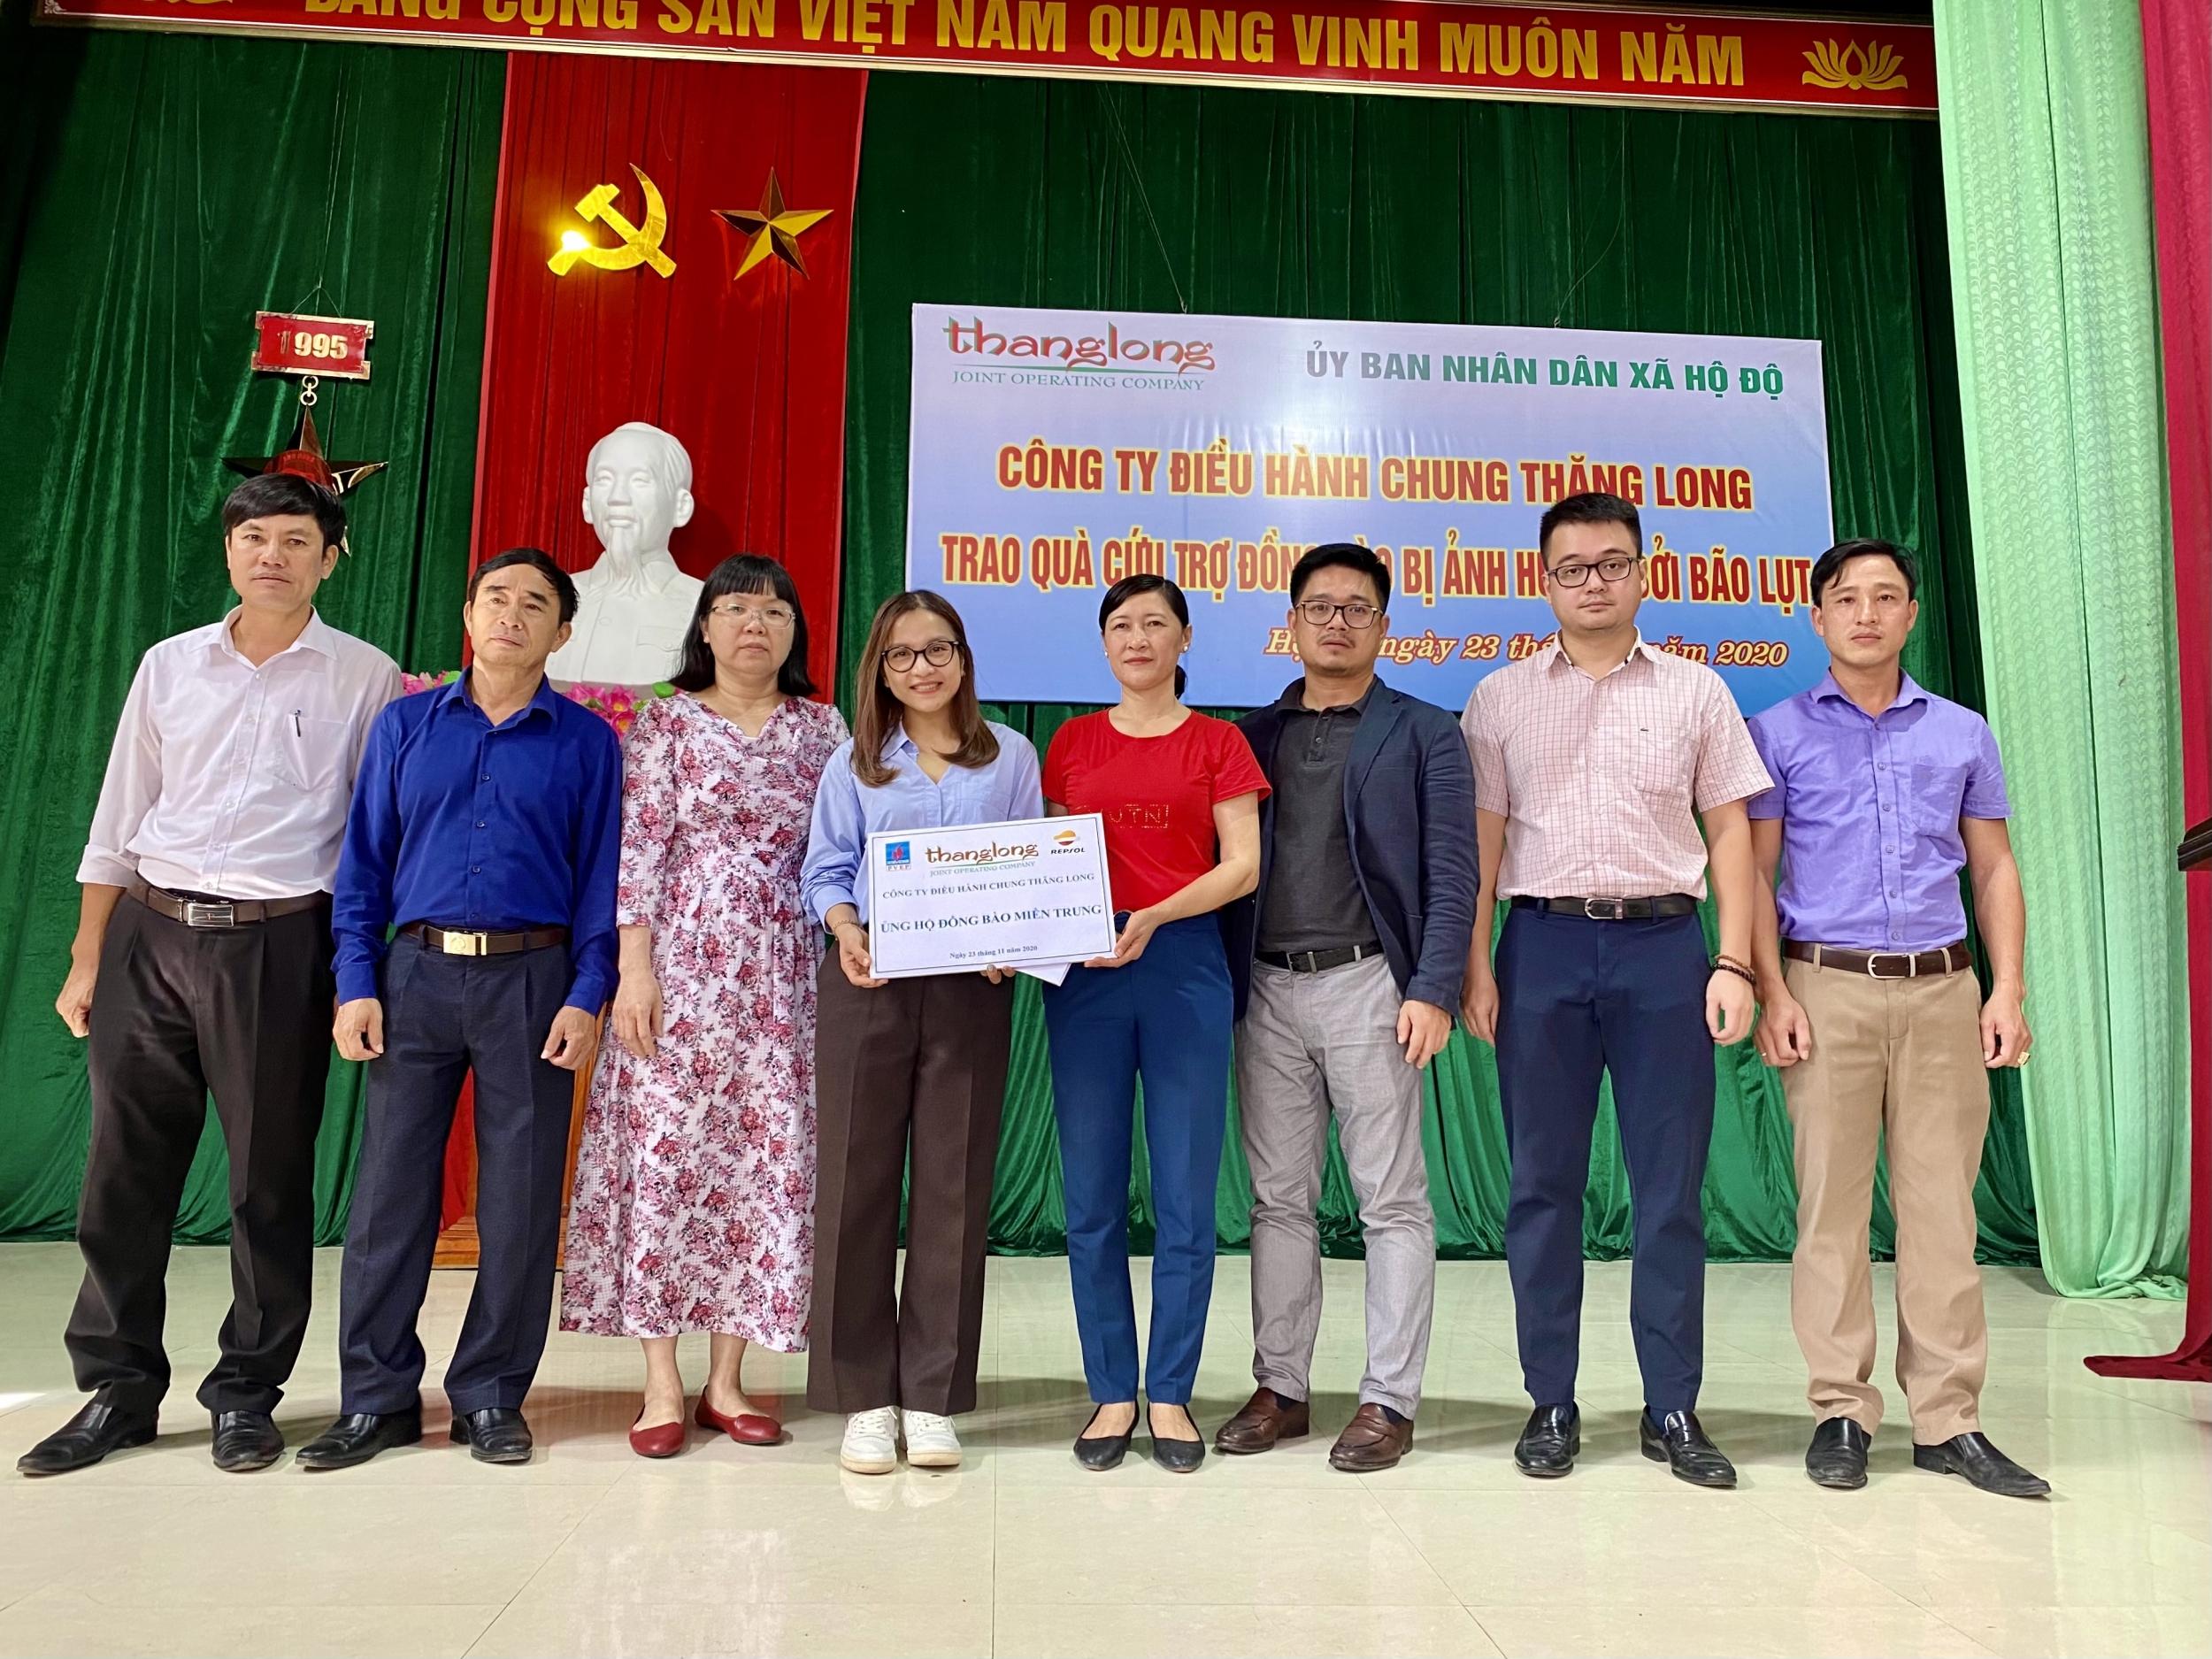 Thăng Long JOC hỗ trợ đồng bào gặp thiên tai tại Hà Tĩnh